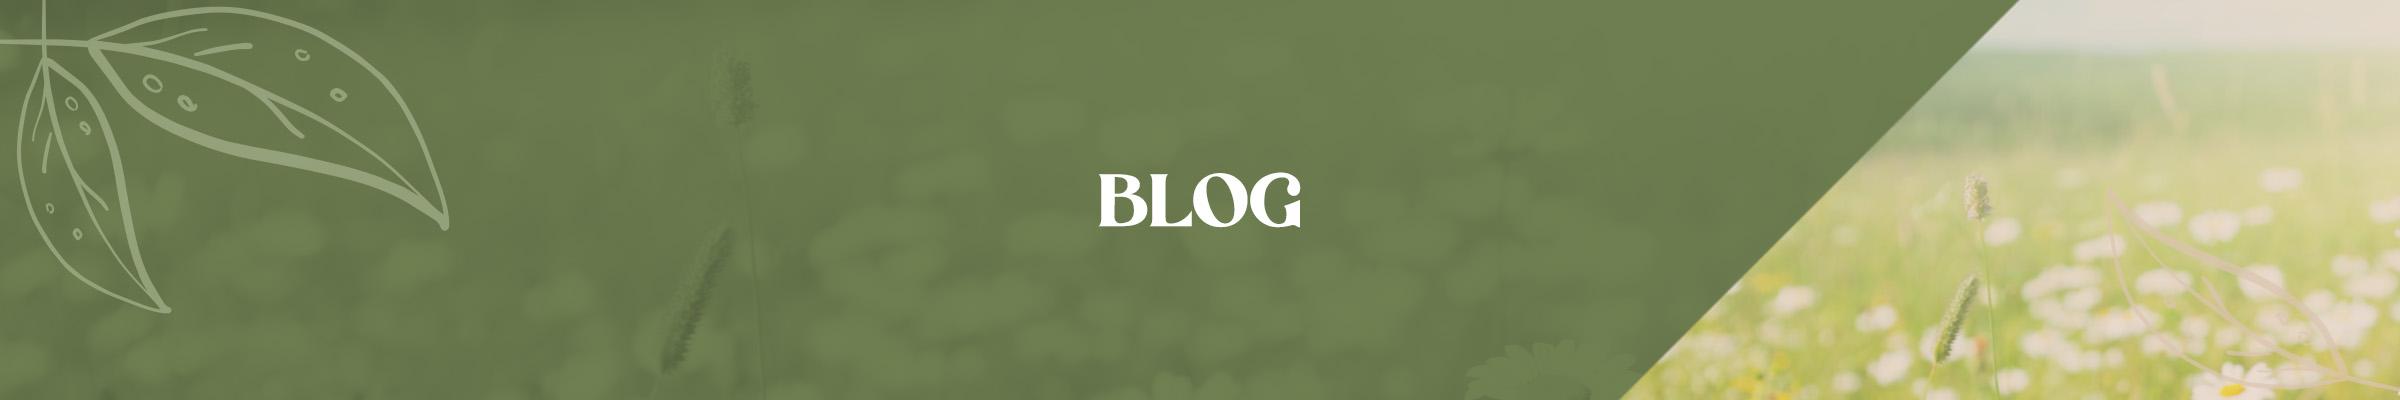 Campagne - Bannière Blog